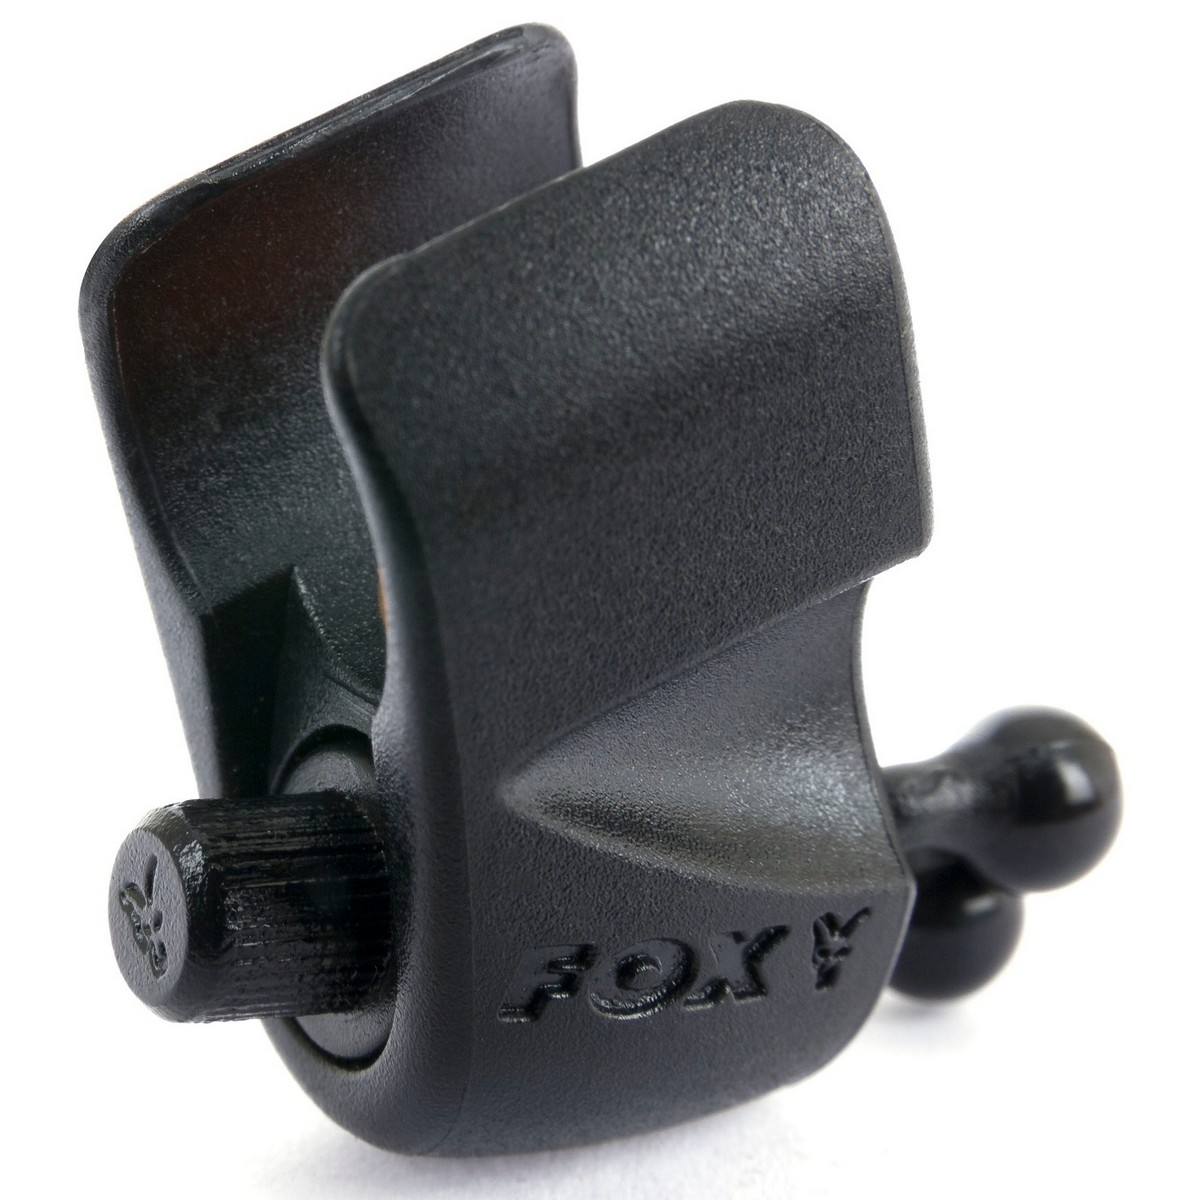 Клипс за влакно Fox Black Label Adjustable Rod Clip